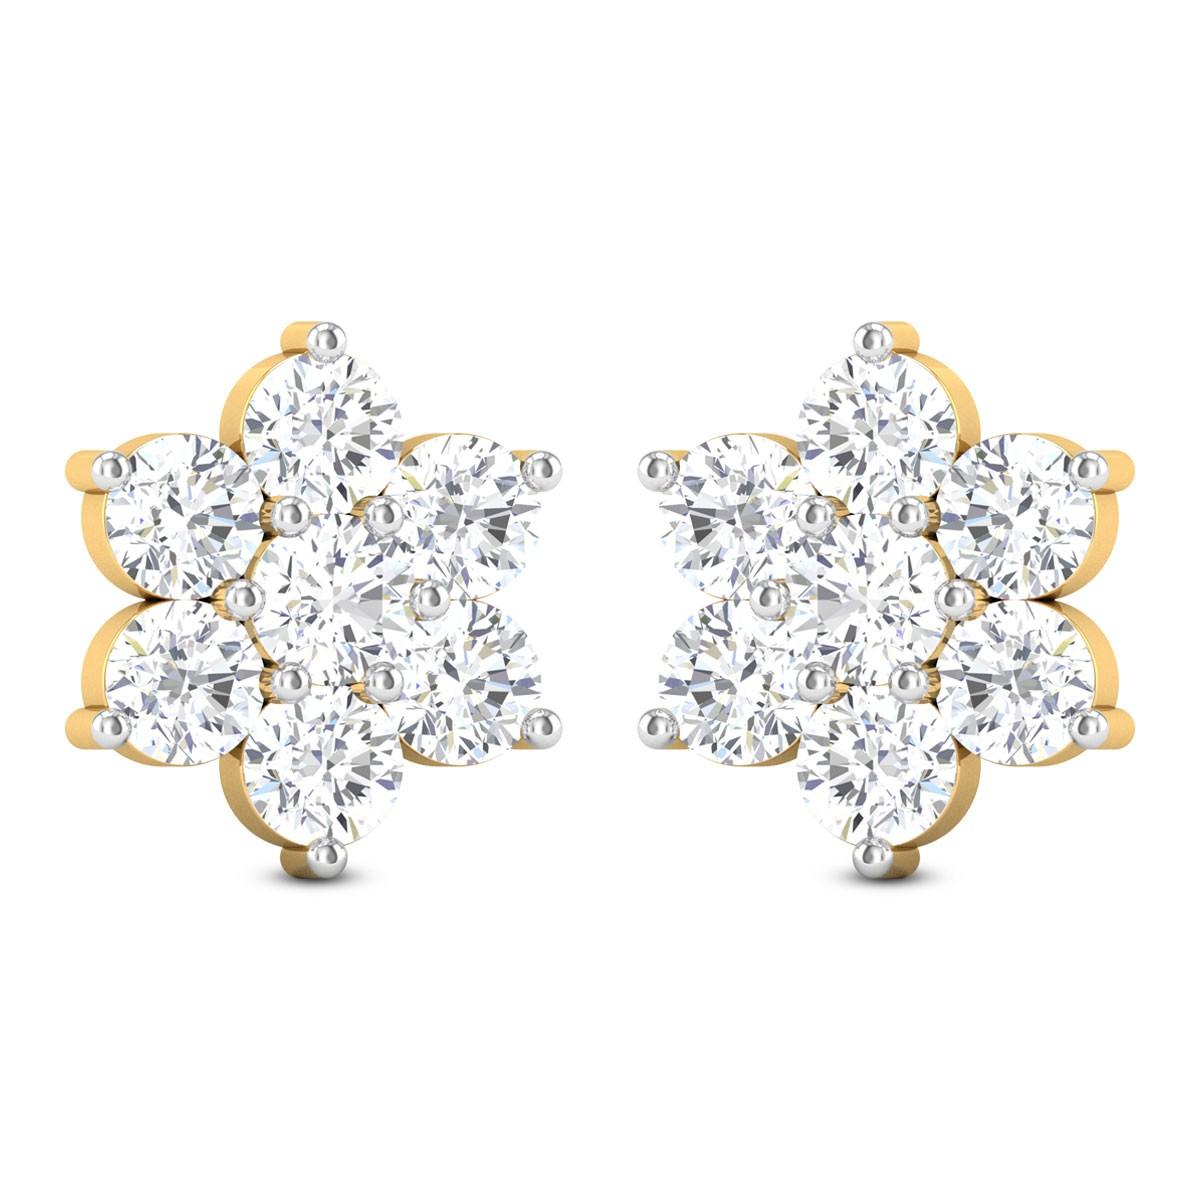 Zul 7 Stone Solitaire Stud Earrings